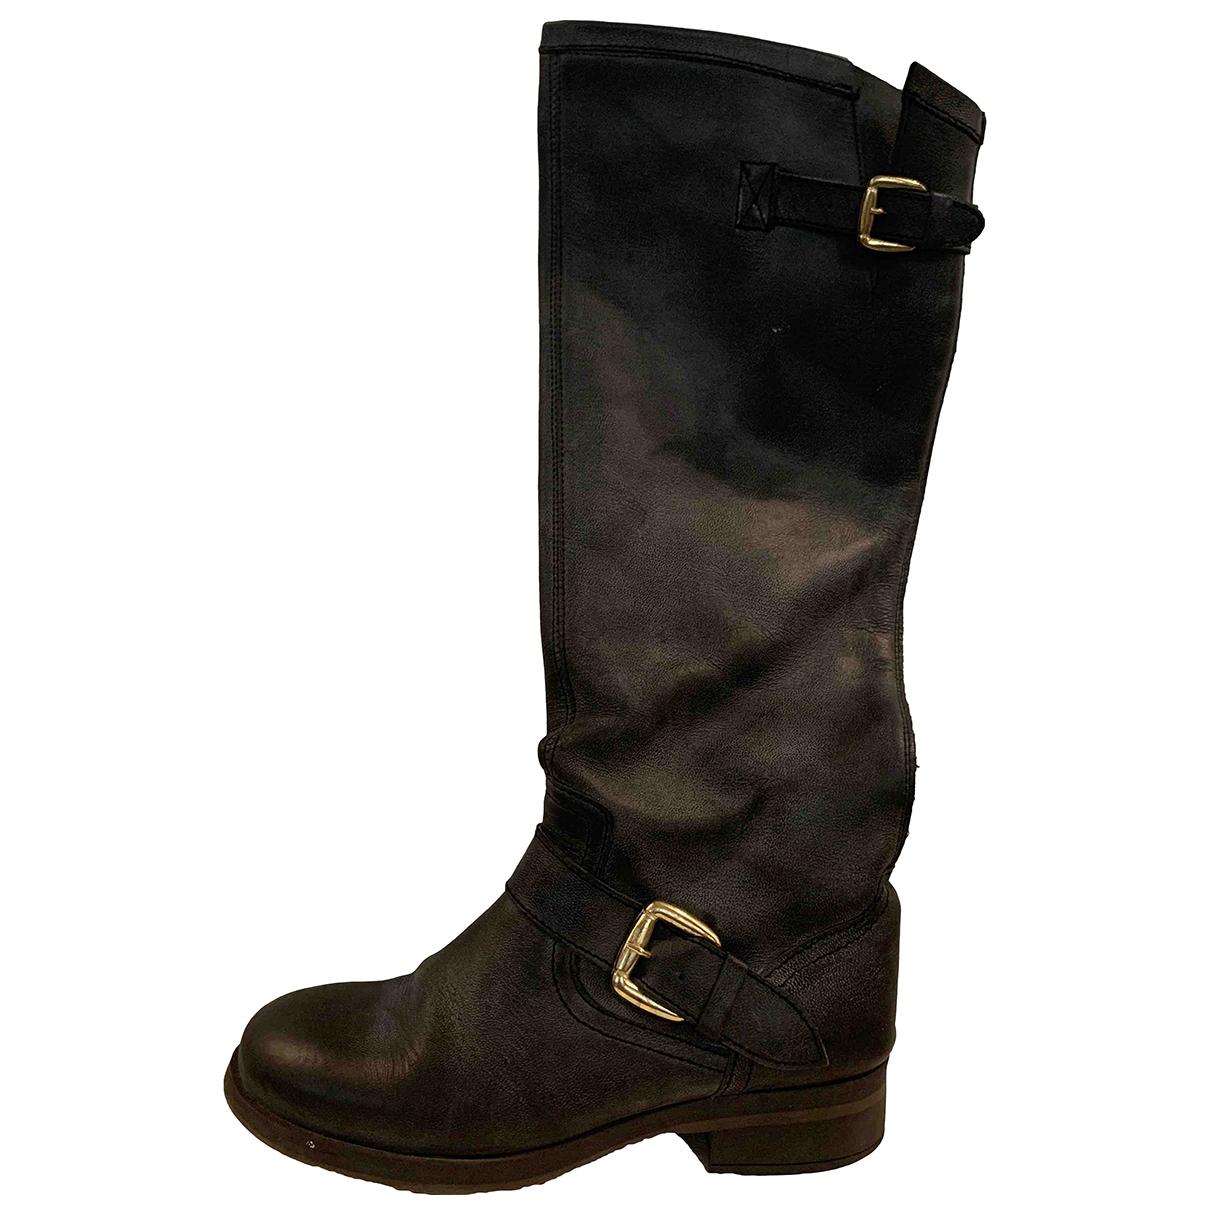 Steve Madden - Boots   pour femme en cuir - gris